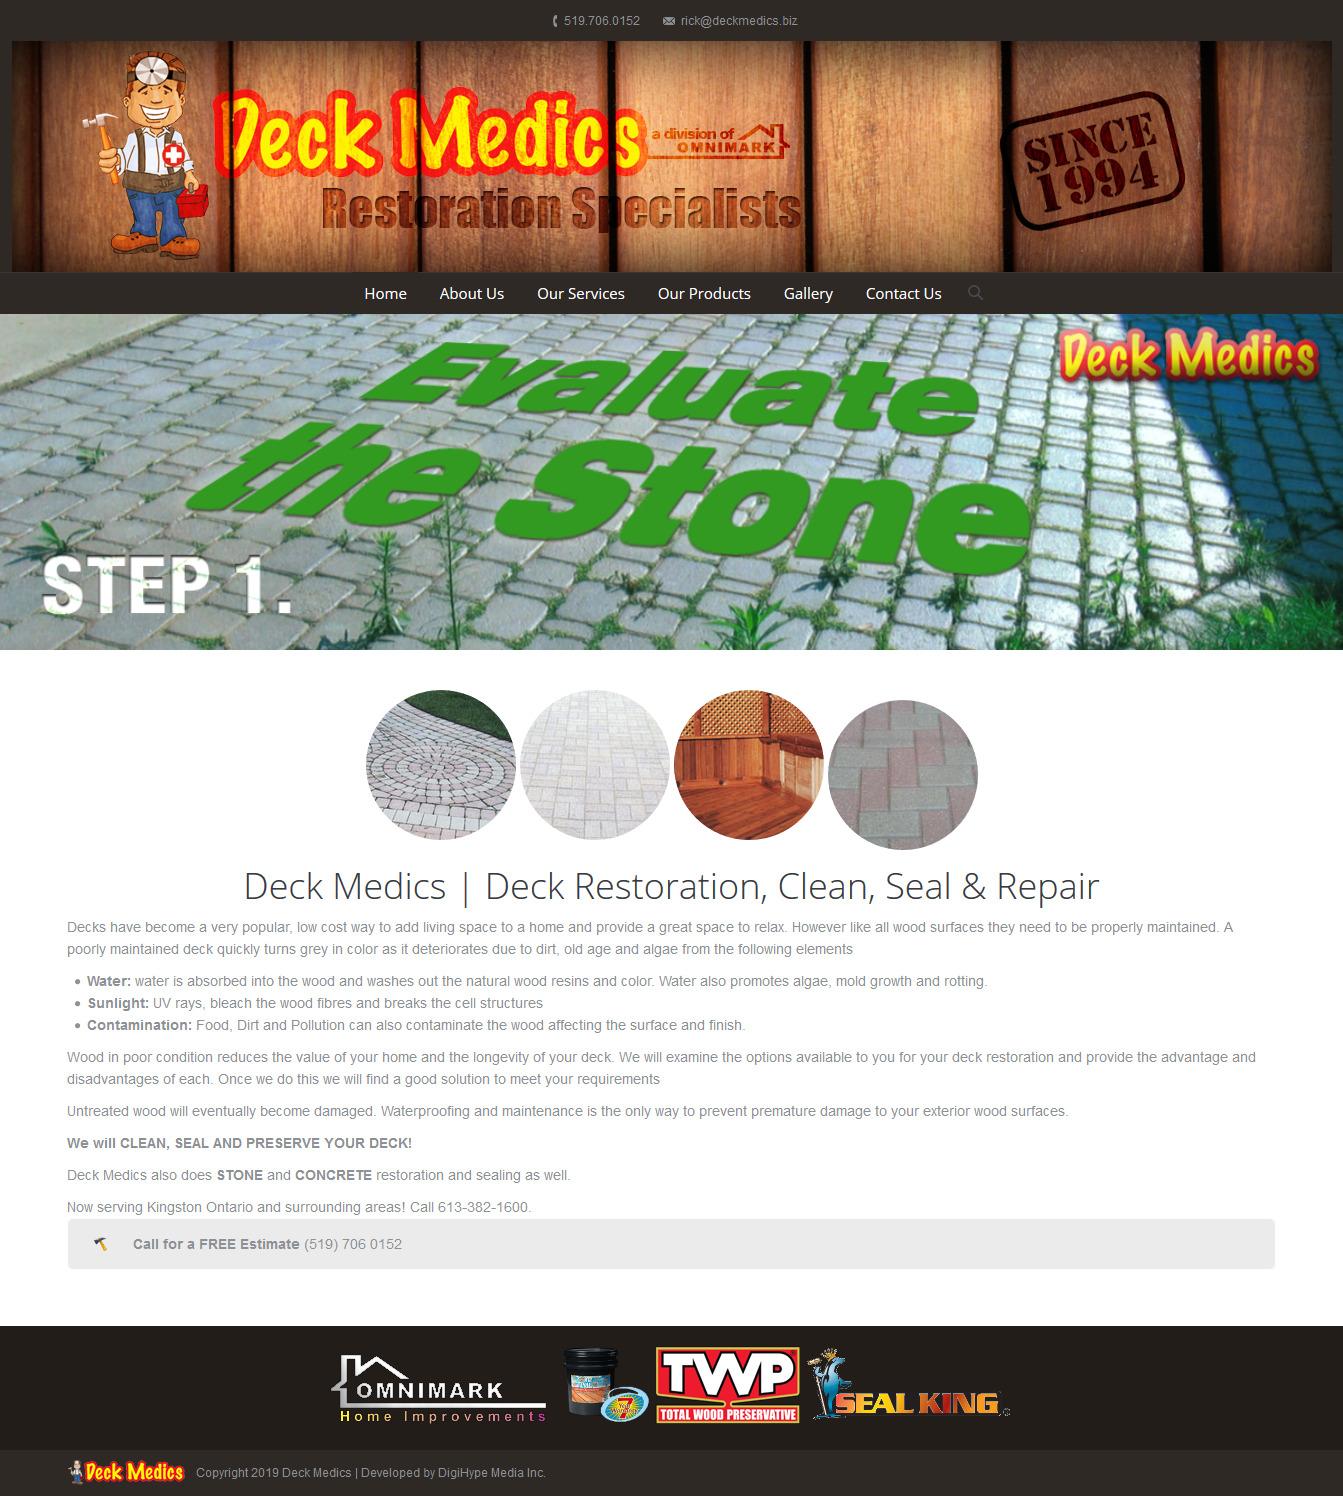 Deck repair and renovation in Ontario (website design mockup)